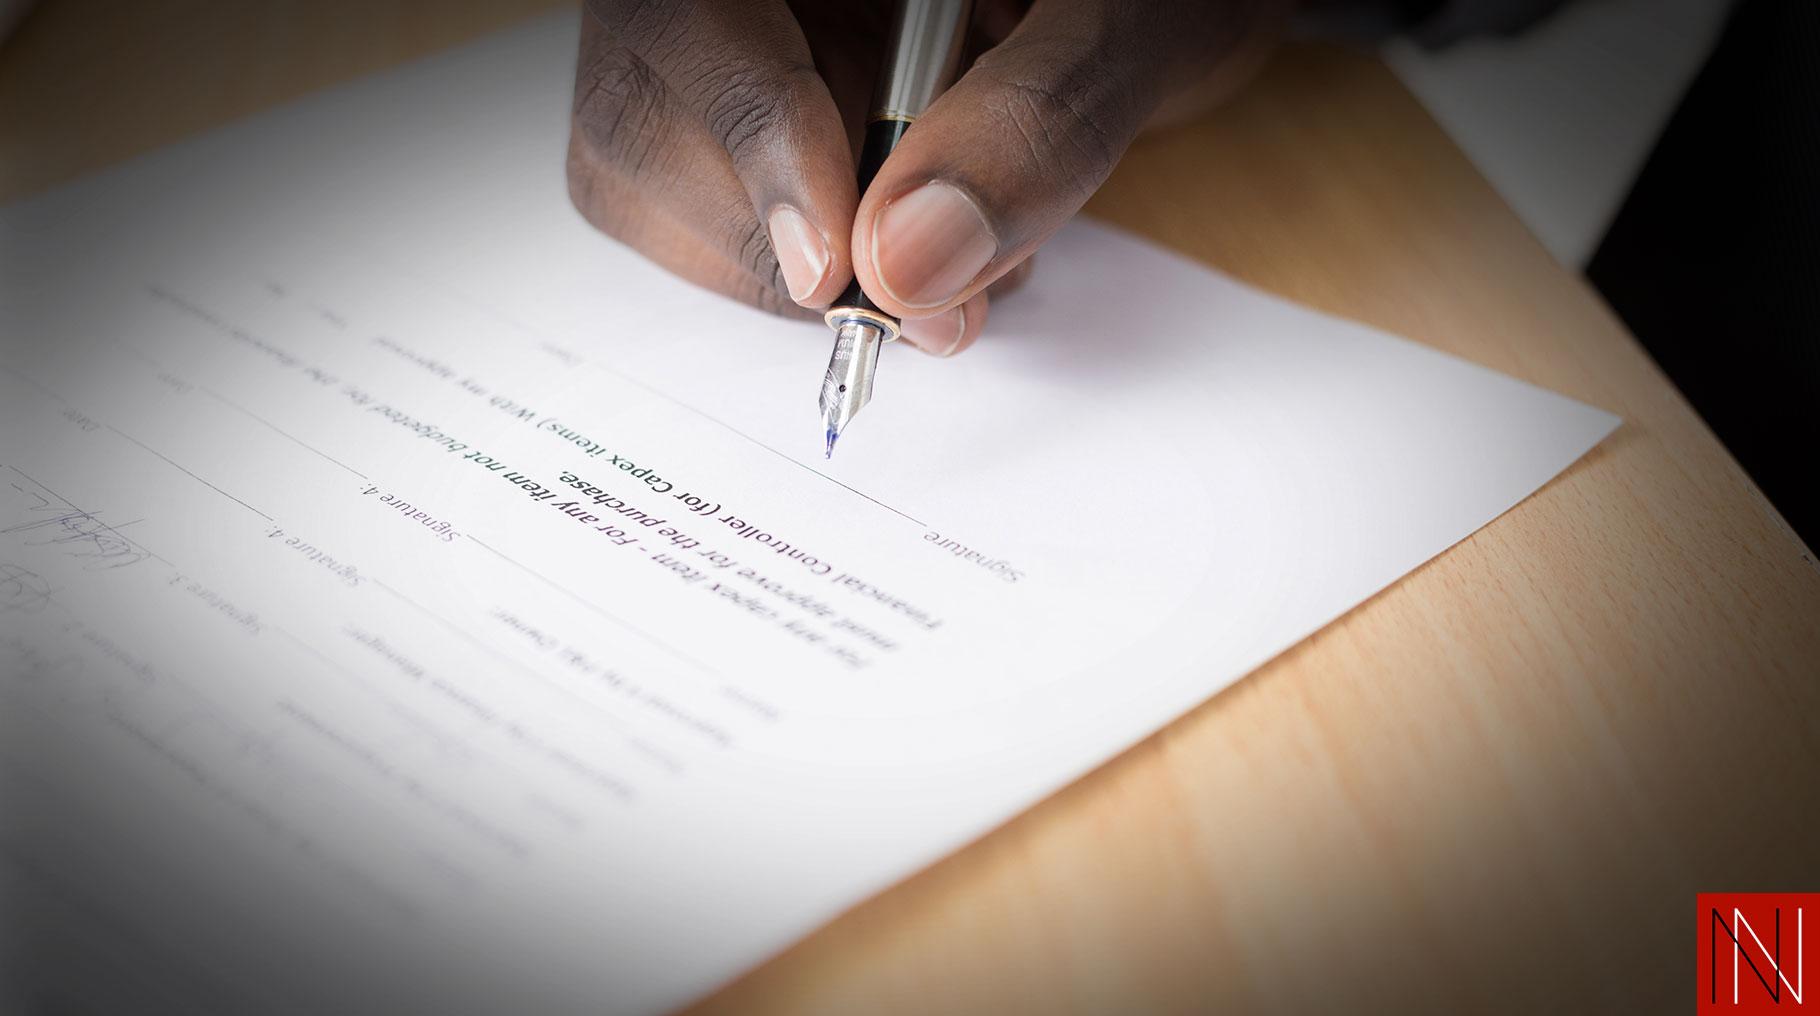 Contrats et Services (2) : les contrats complémentaires santé aidés